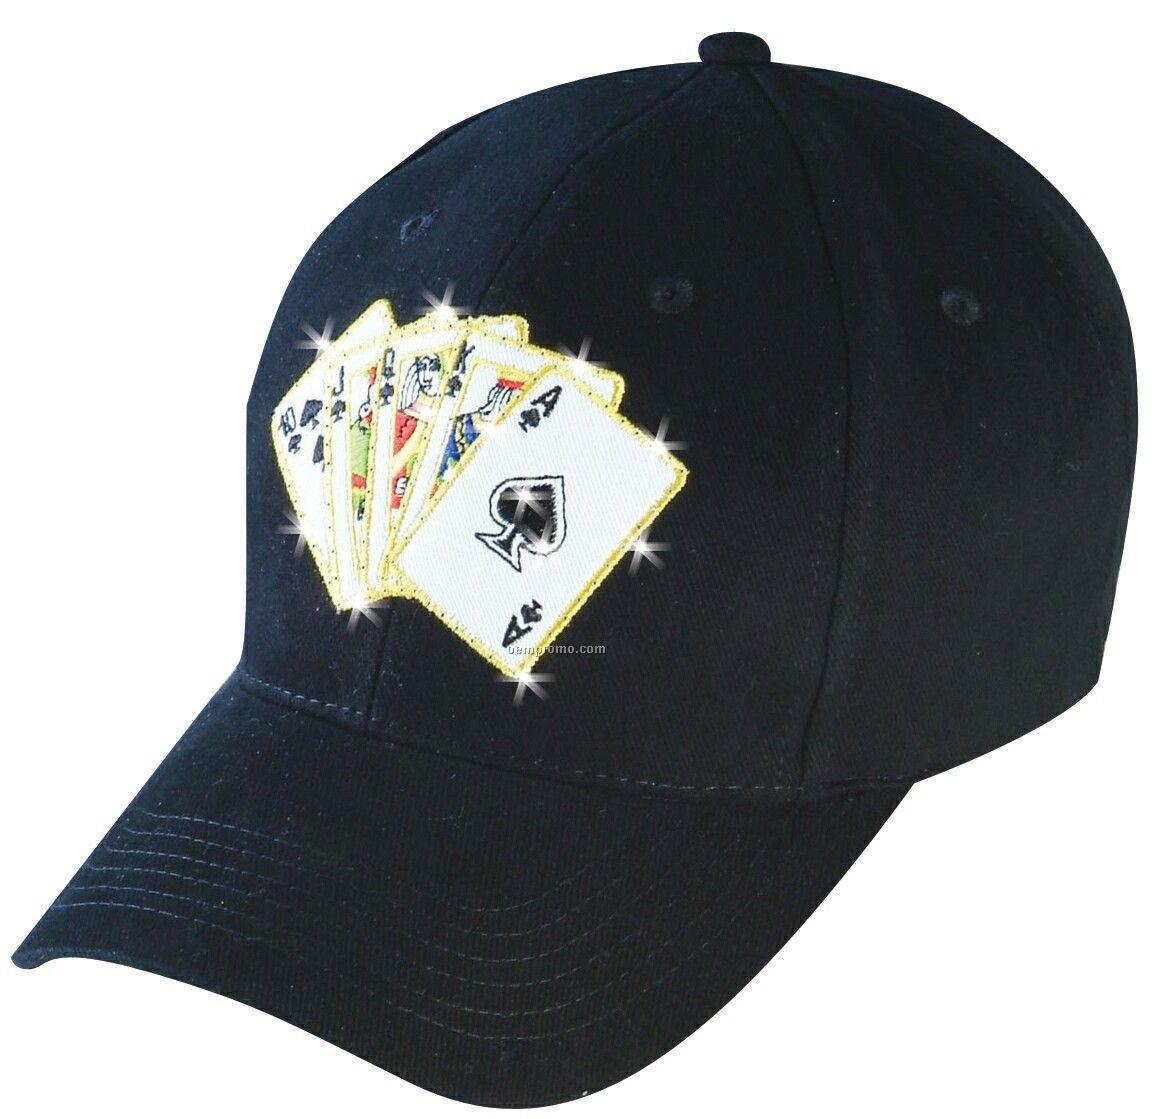 Playing Card Flashing Cap